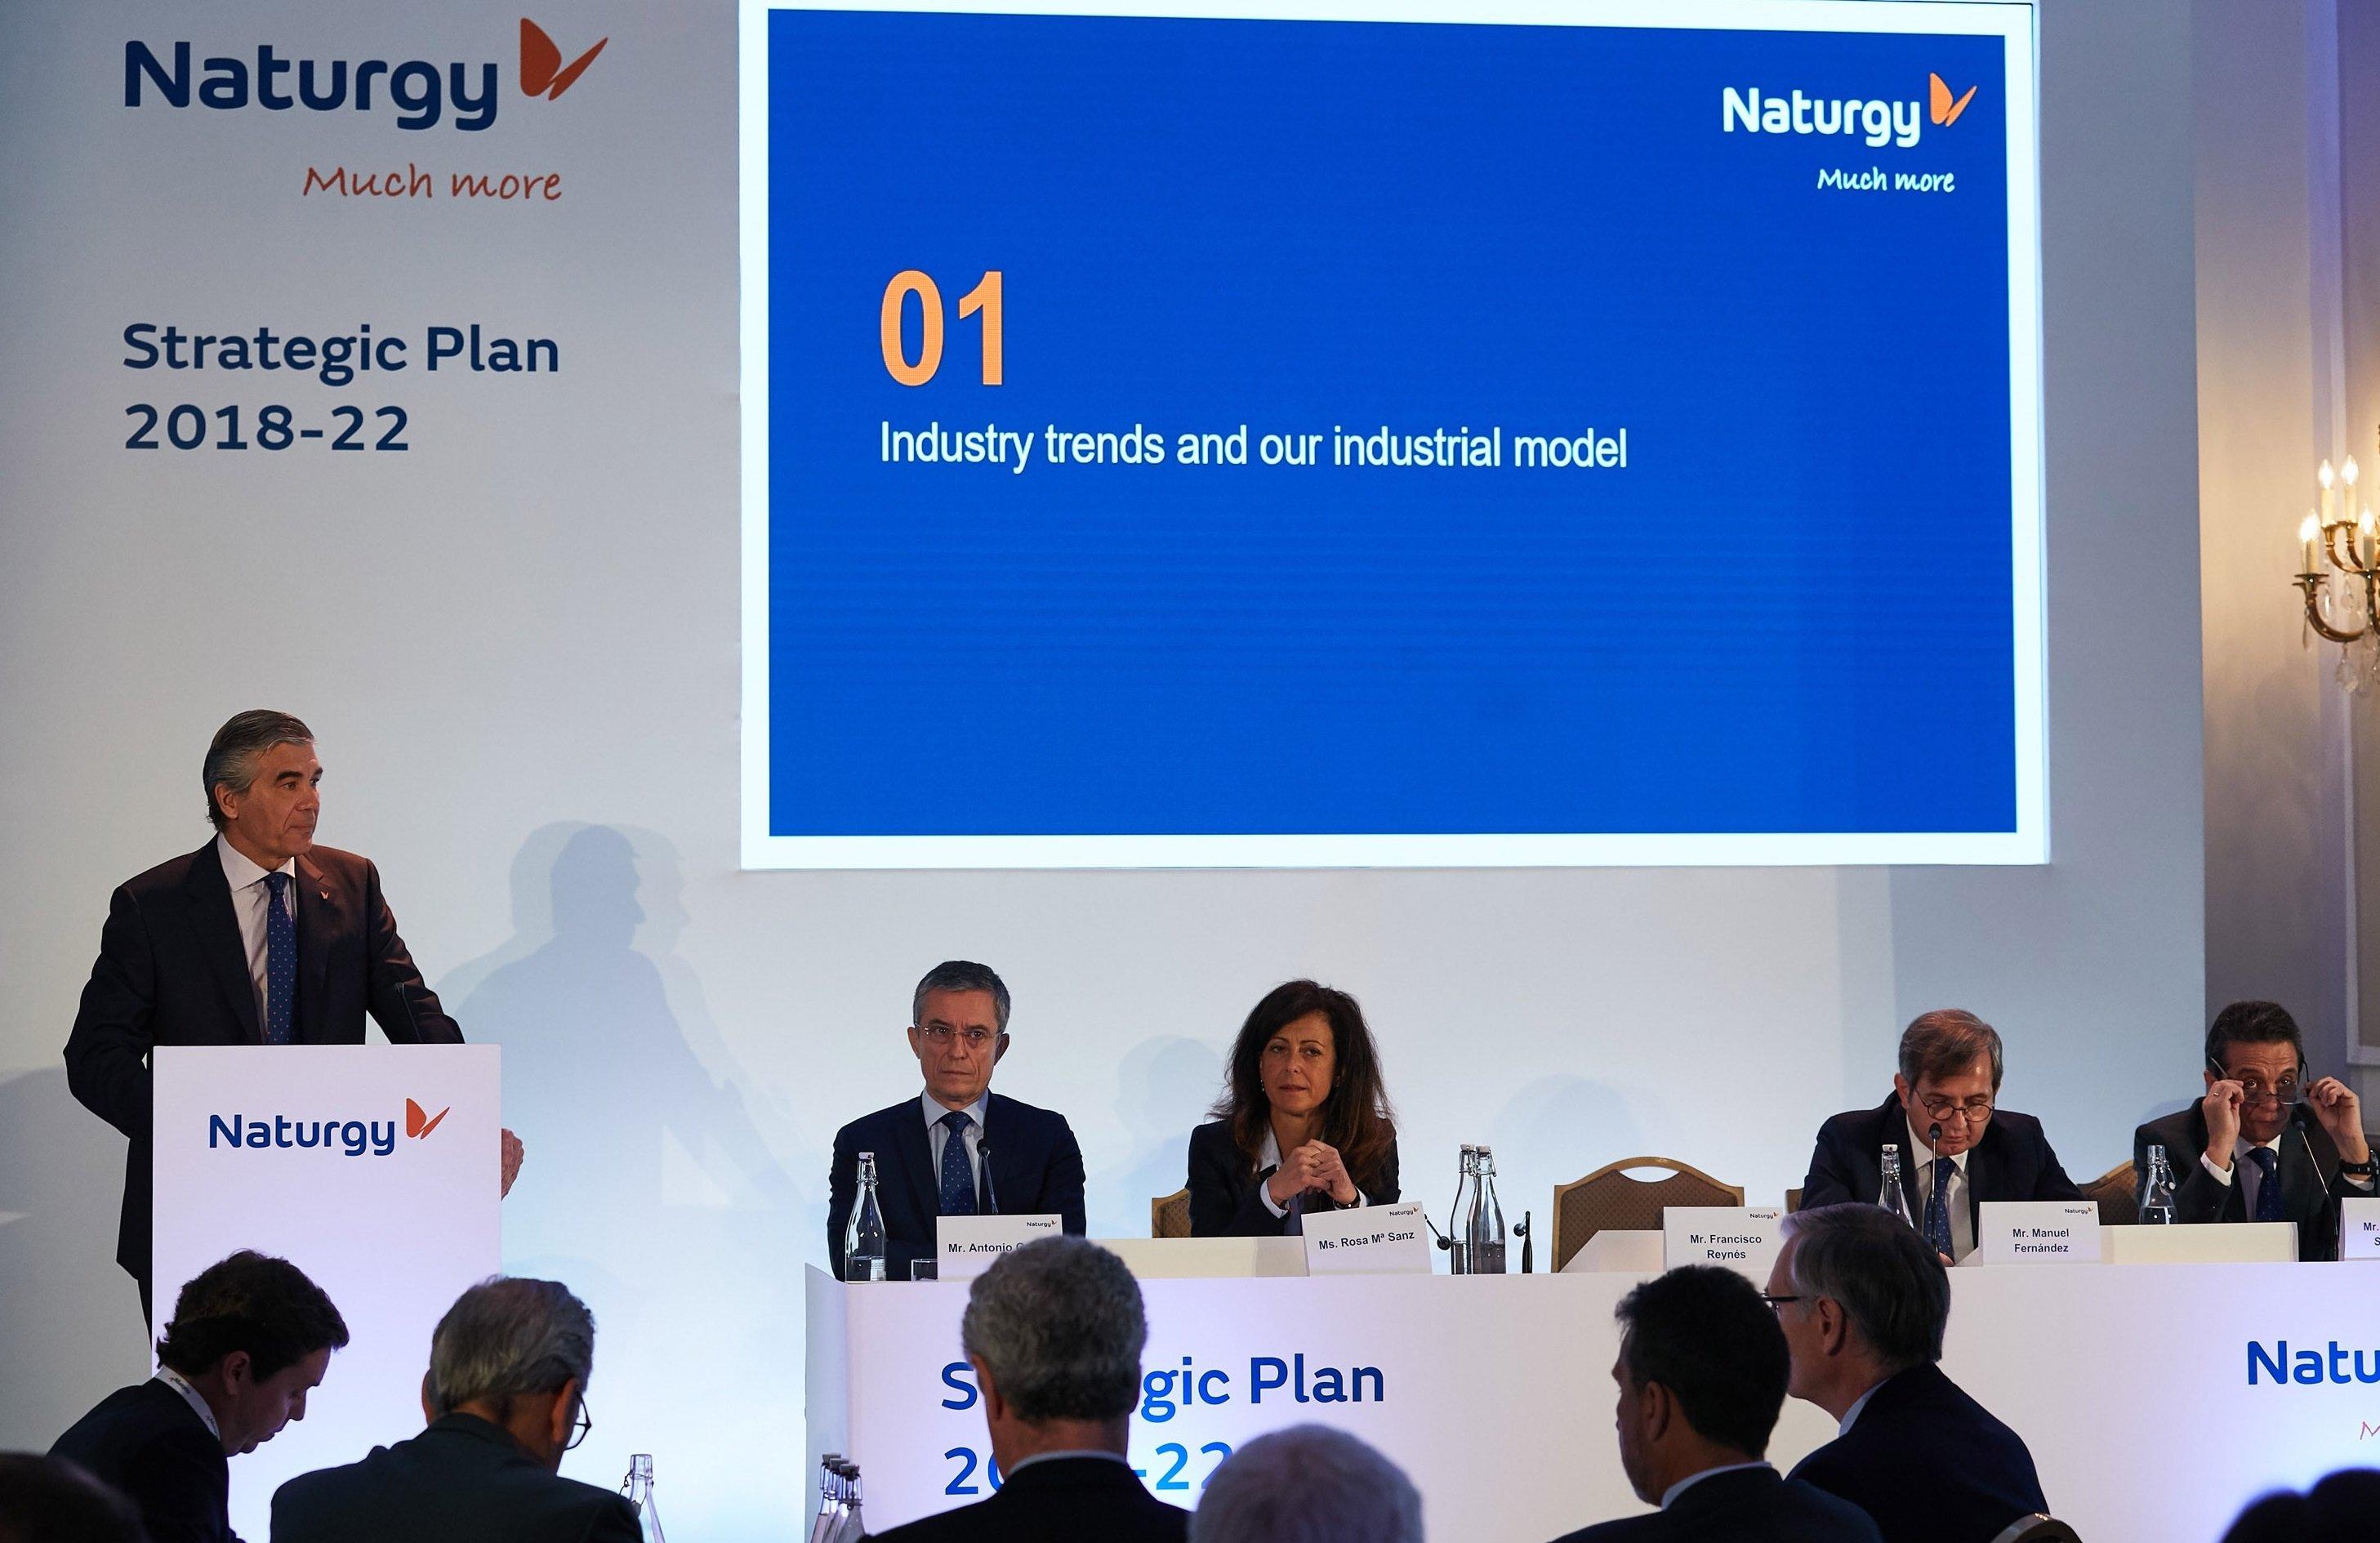 El ajuste de Naturgy no ha terminado: 2.000 despidos en 2019